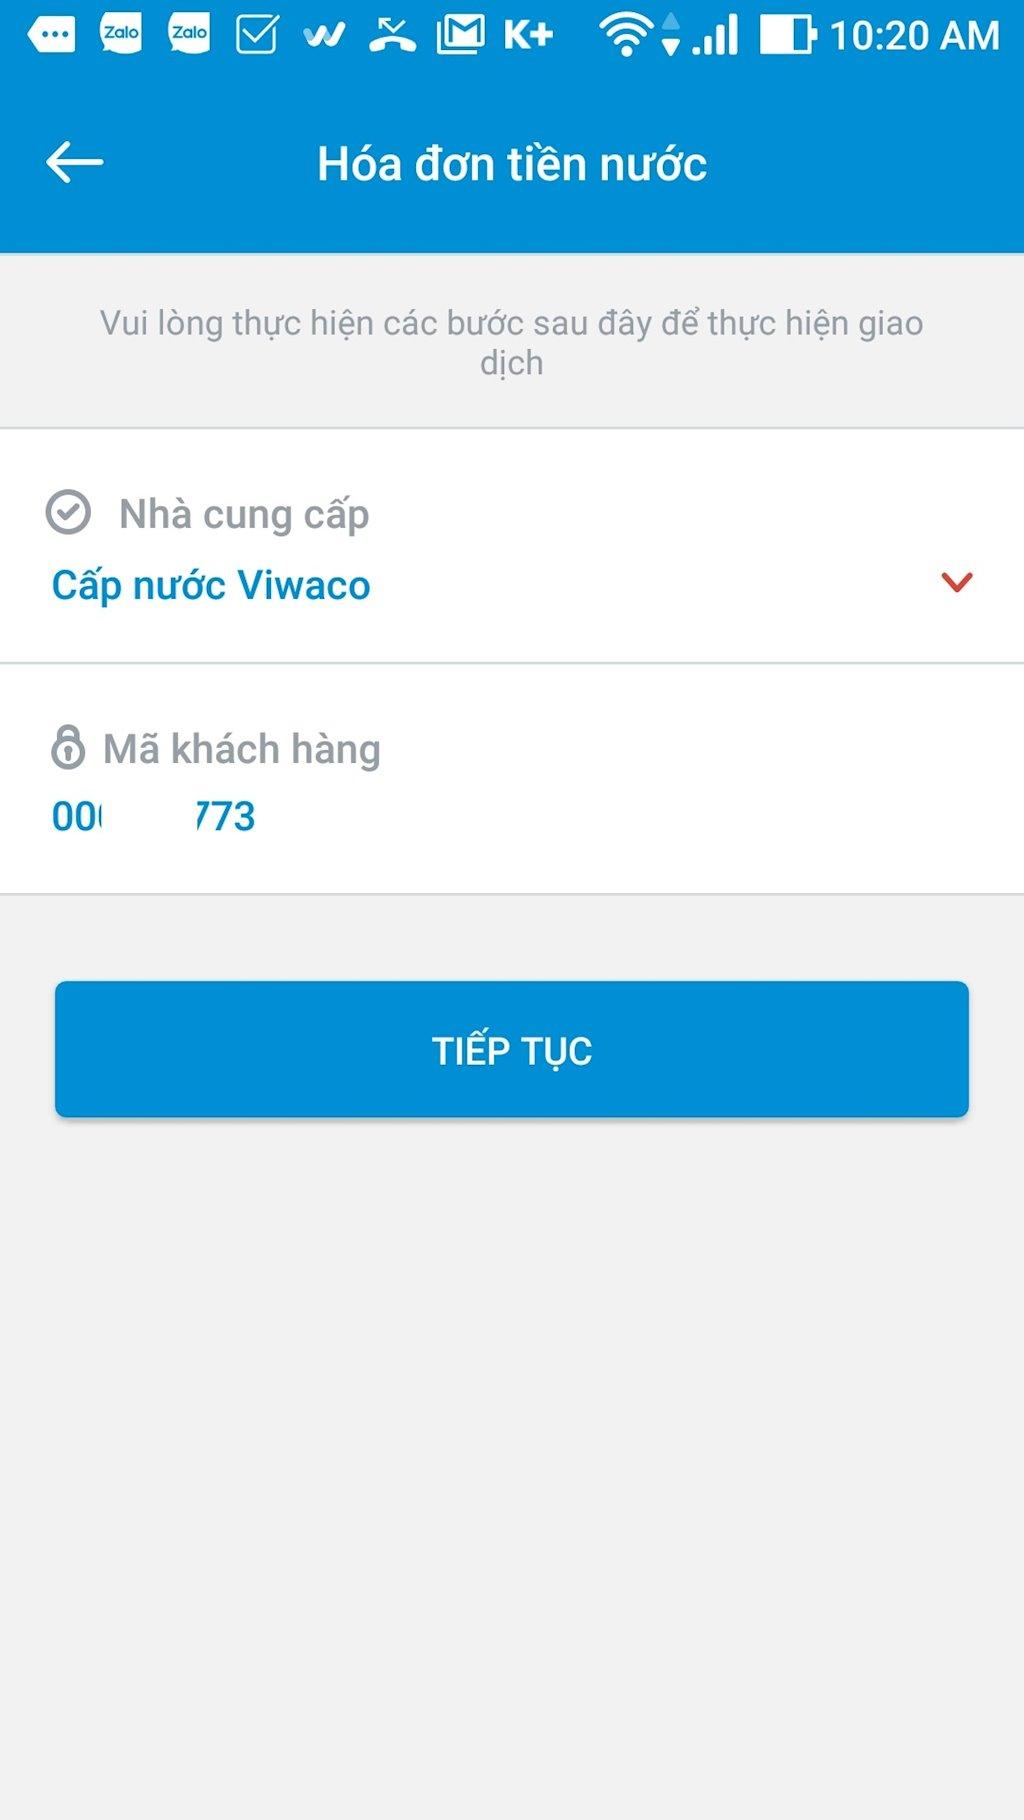 b2-huong-dan-thanh-toan-tien-nuoc-qua-app-ngan-hang-vietcombank-techcombank-vietinbank-msb-cach-thanh-toan-tien-nuoc-qua-ngan-hang-tai-ha-noi(1).jpg